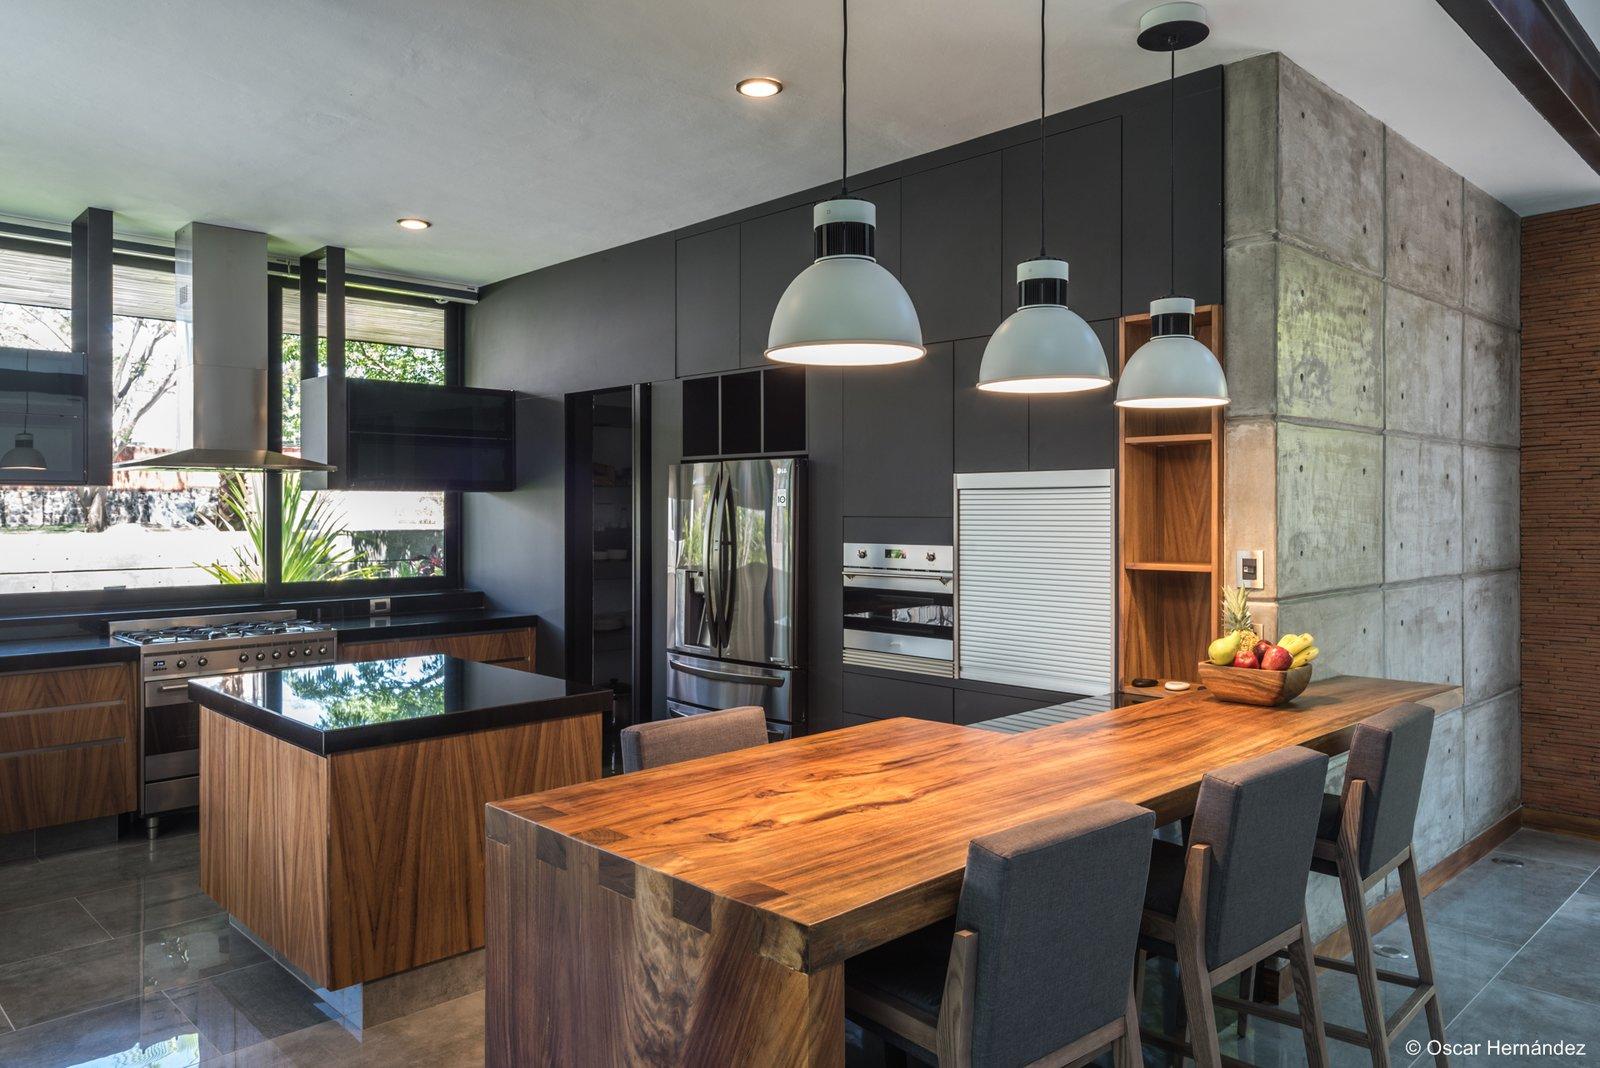 The kalyvas kitchen  Casa Kalyvas by Taller de Arquitectura